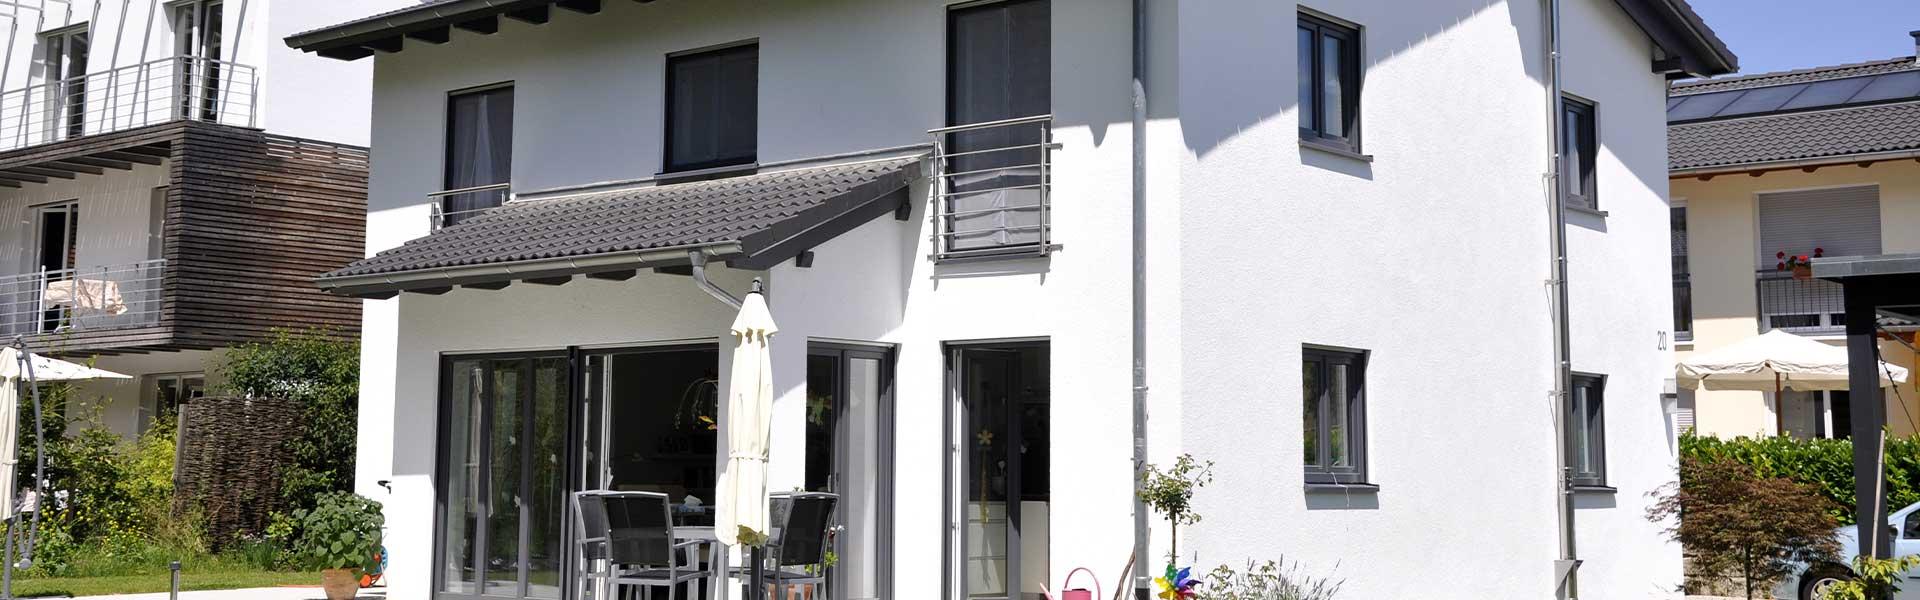 Weiße Häuserfront